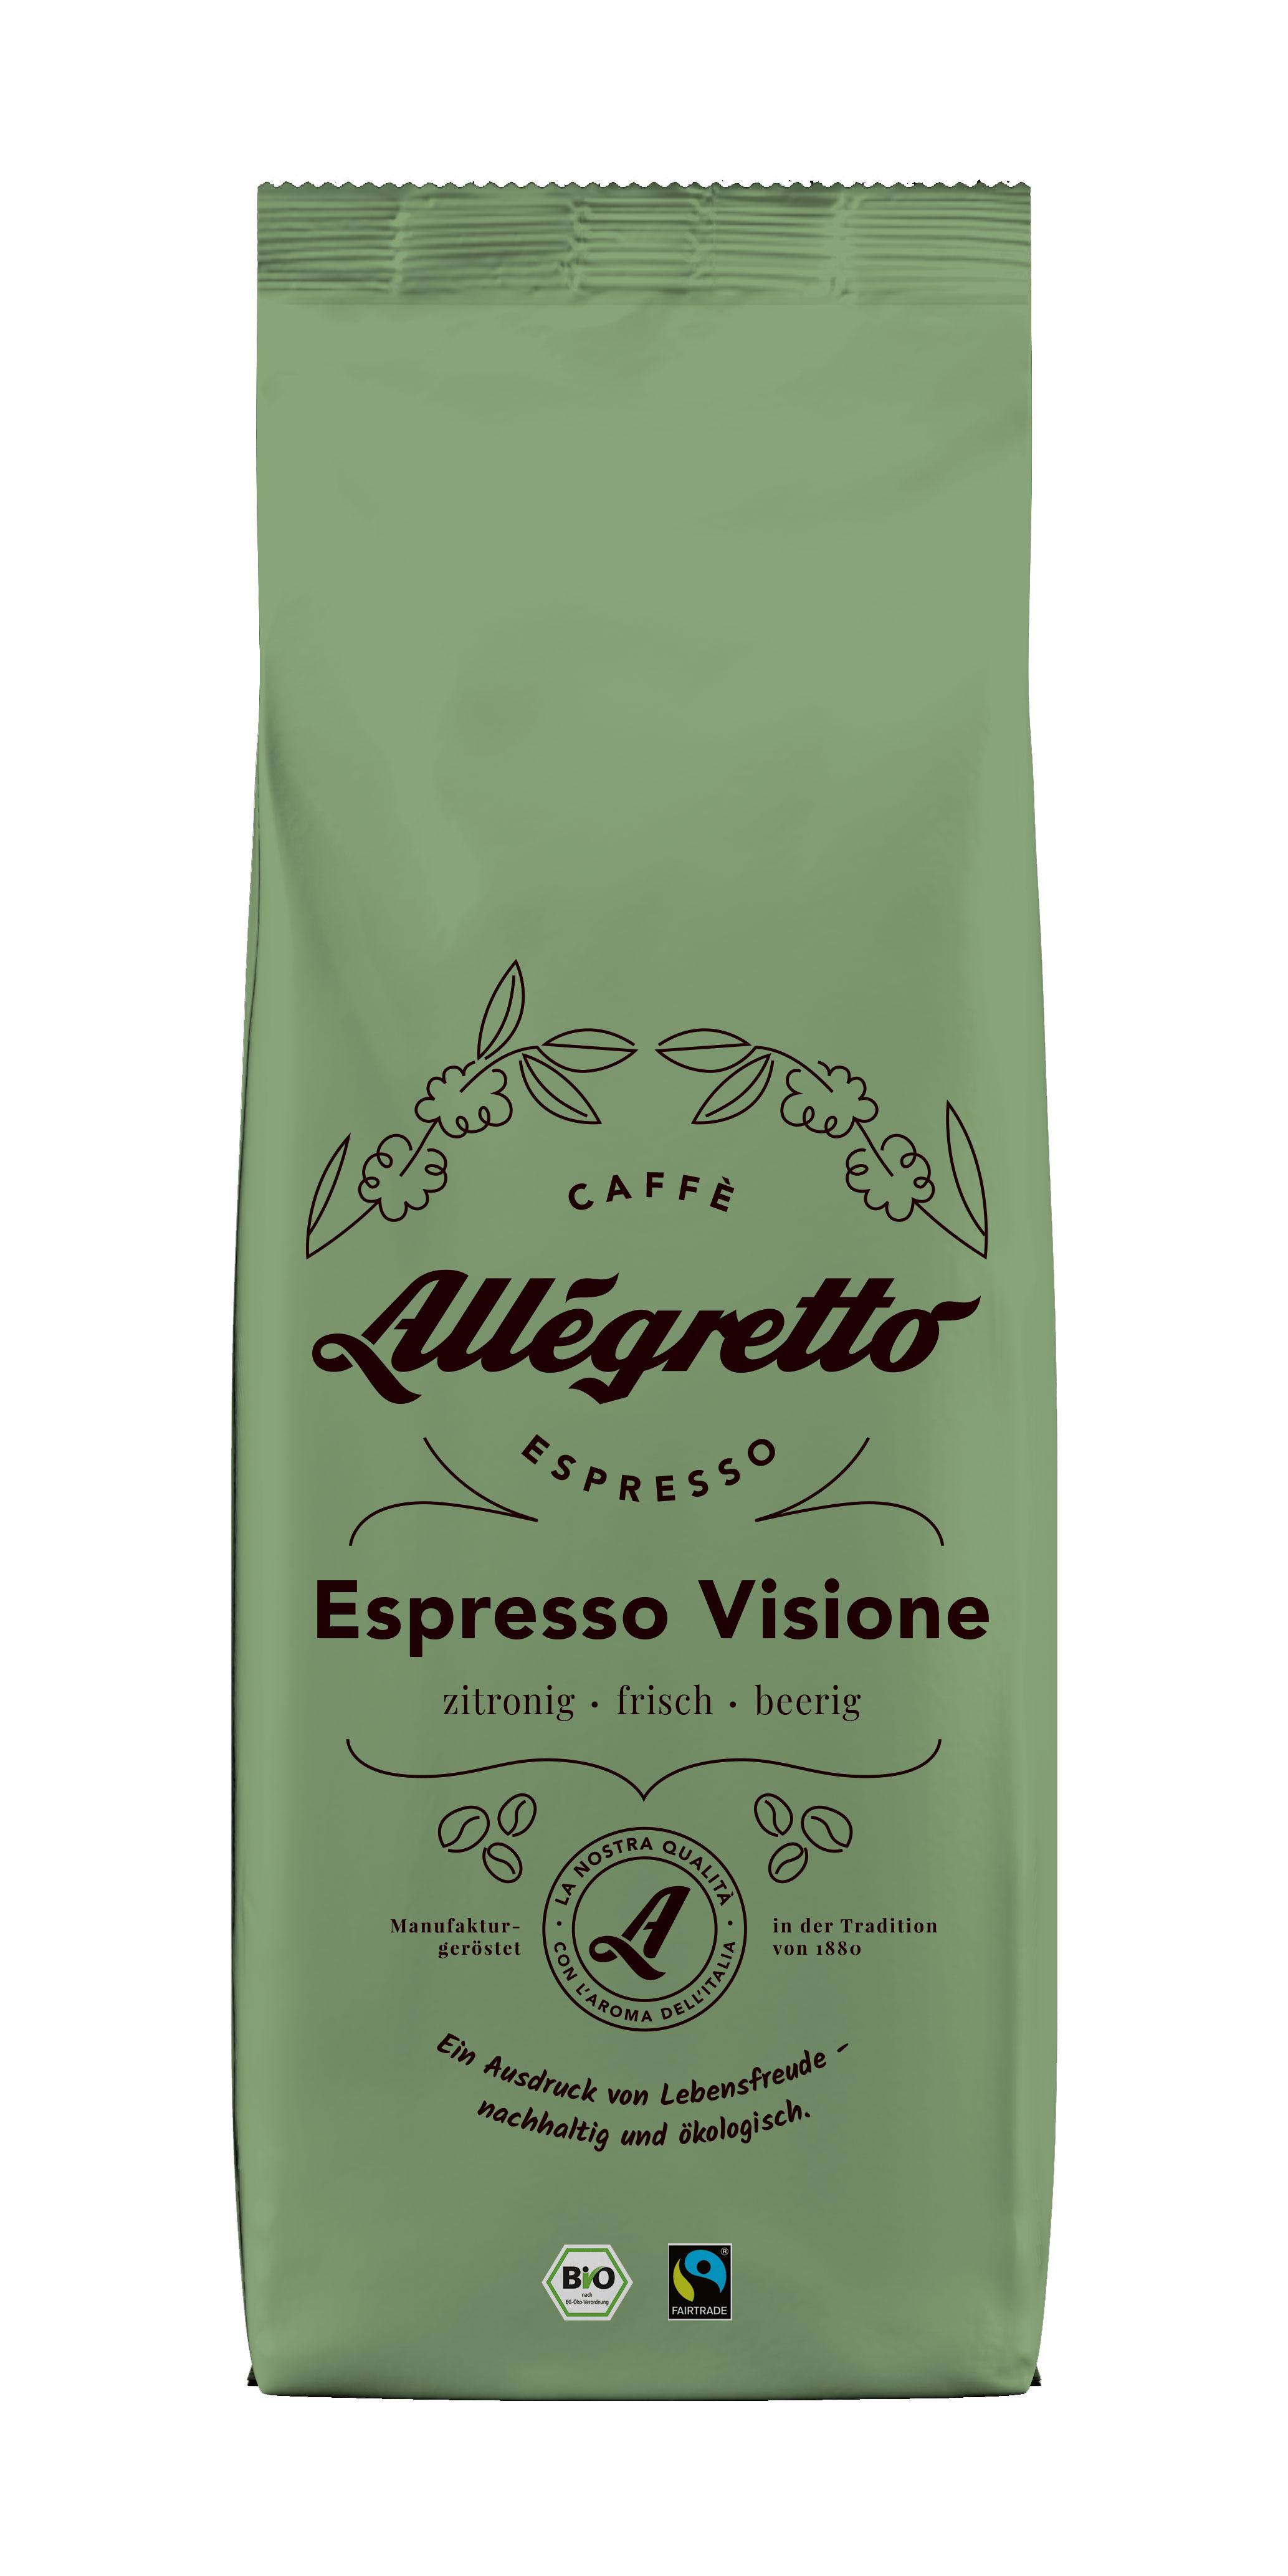 Allegtetto Espresso Visione 500g, Bohne